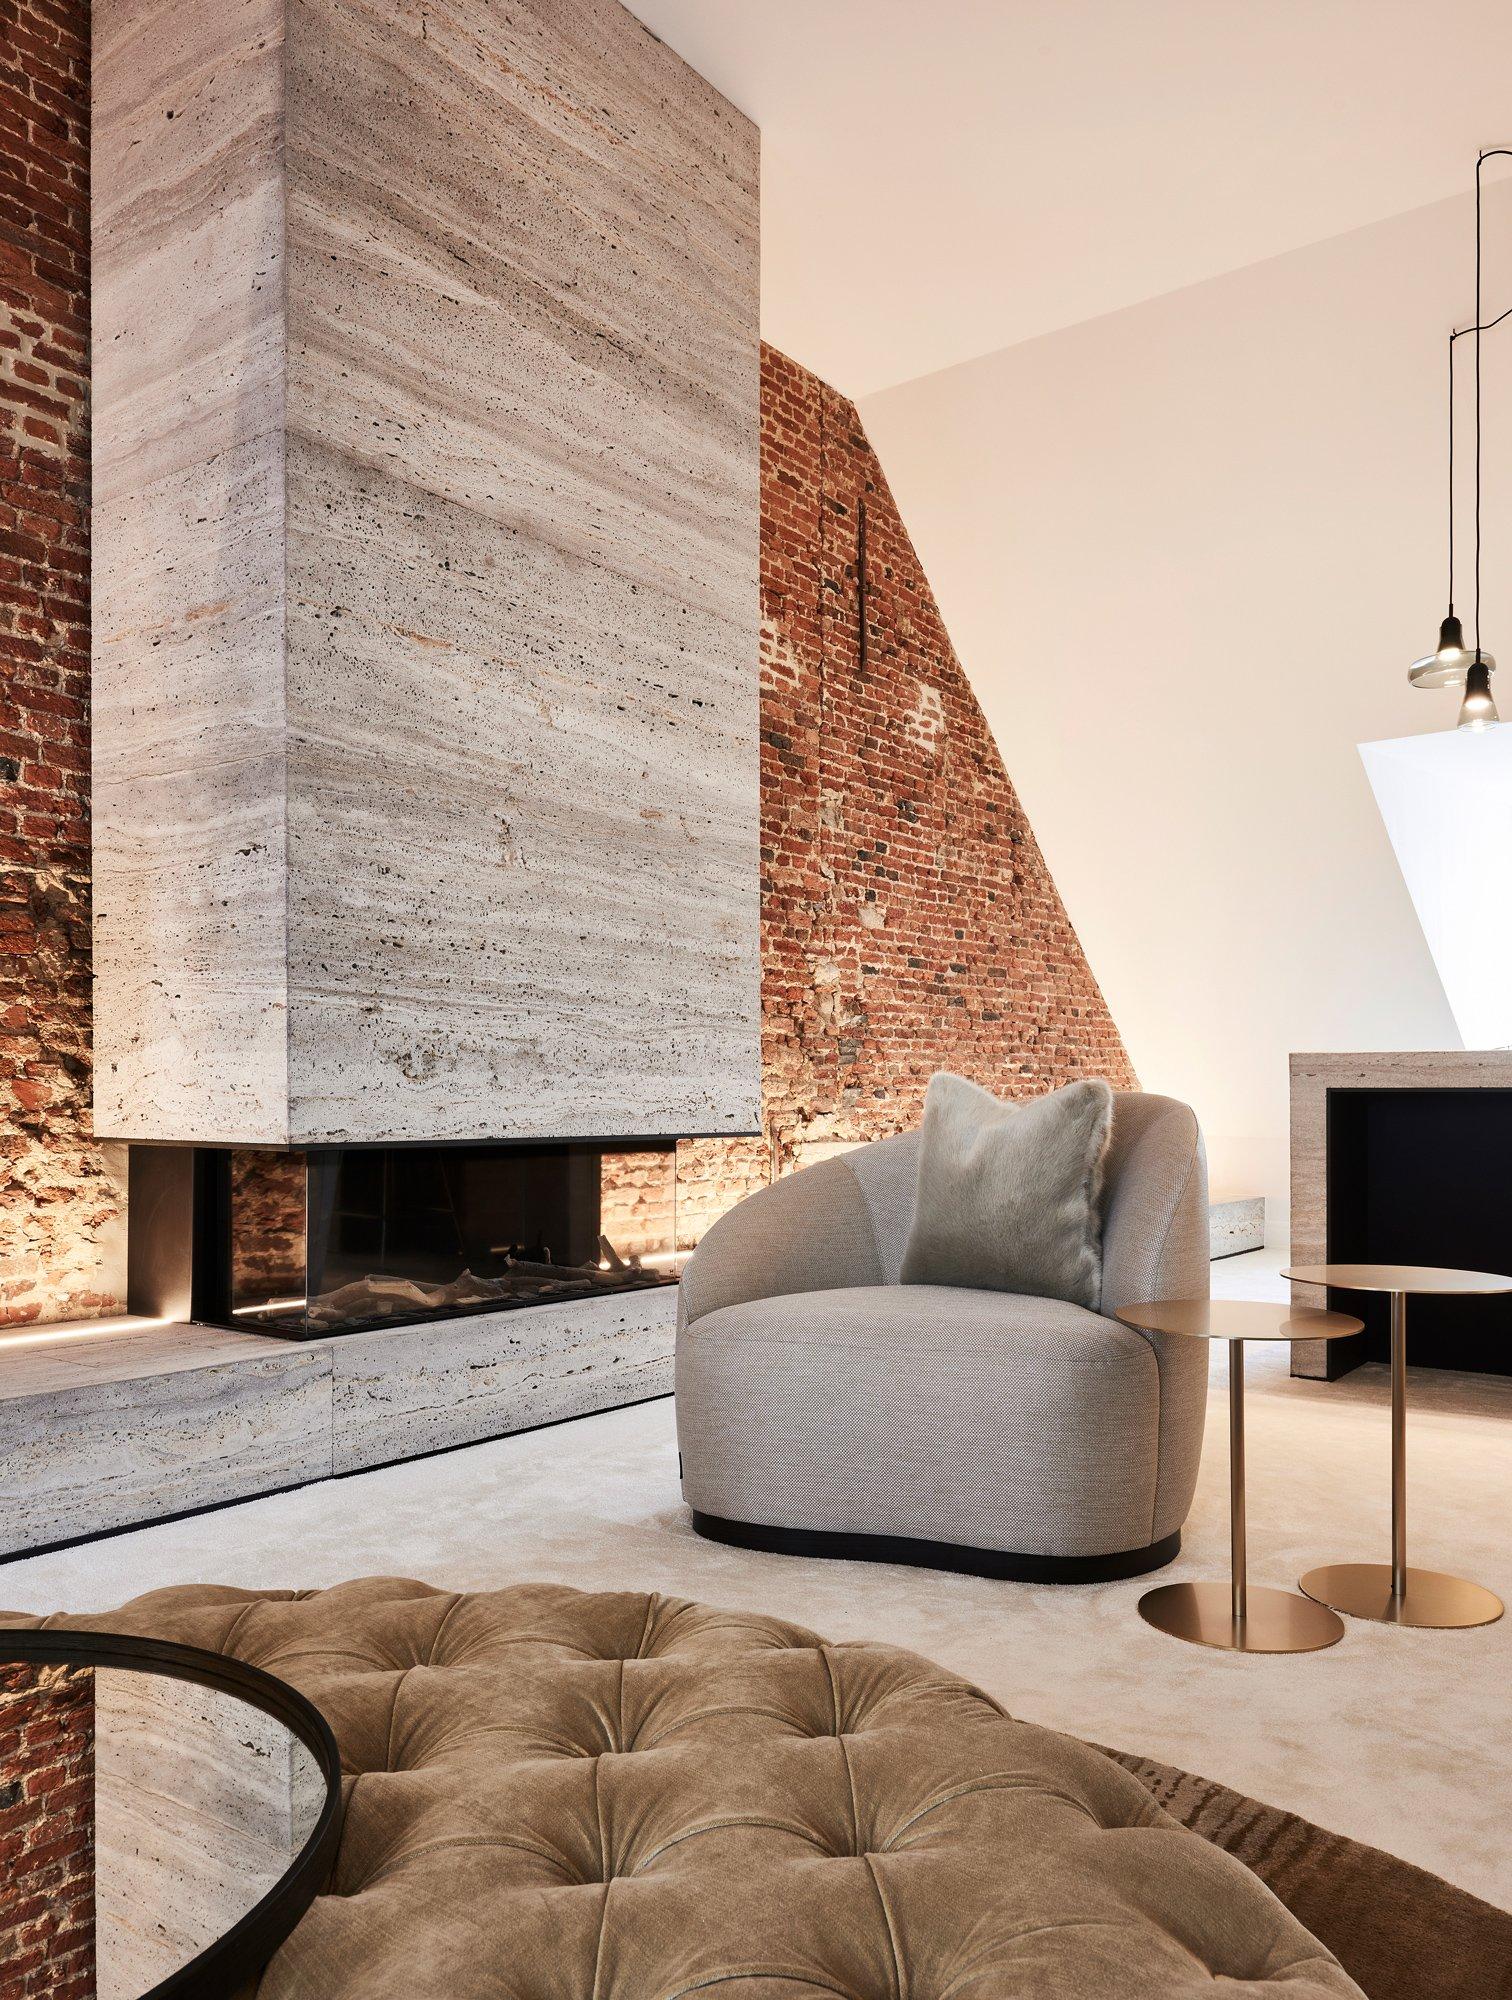 interior design old details brick wall beige